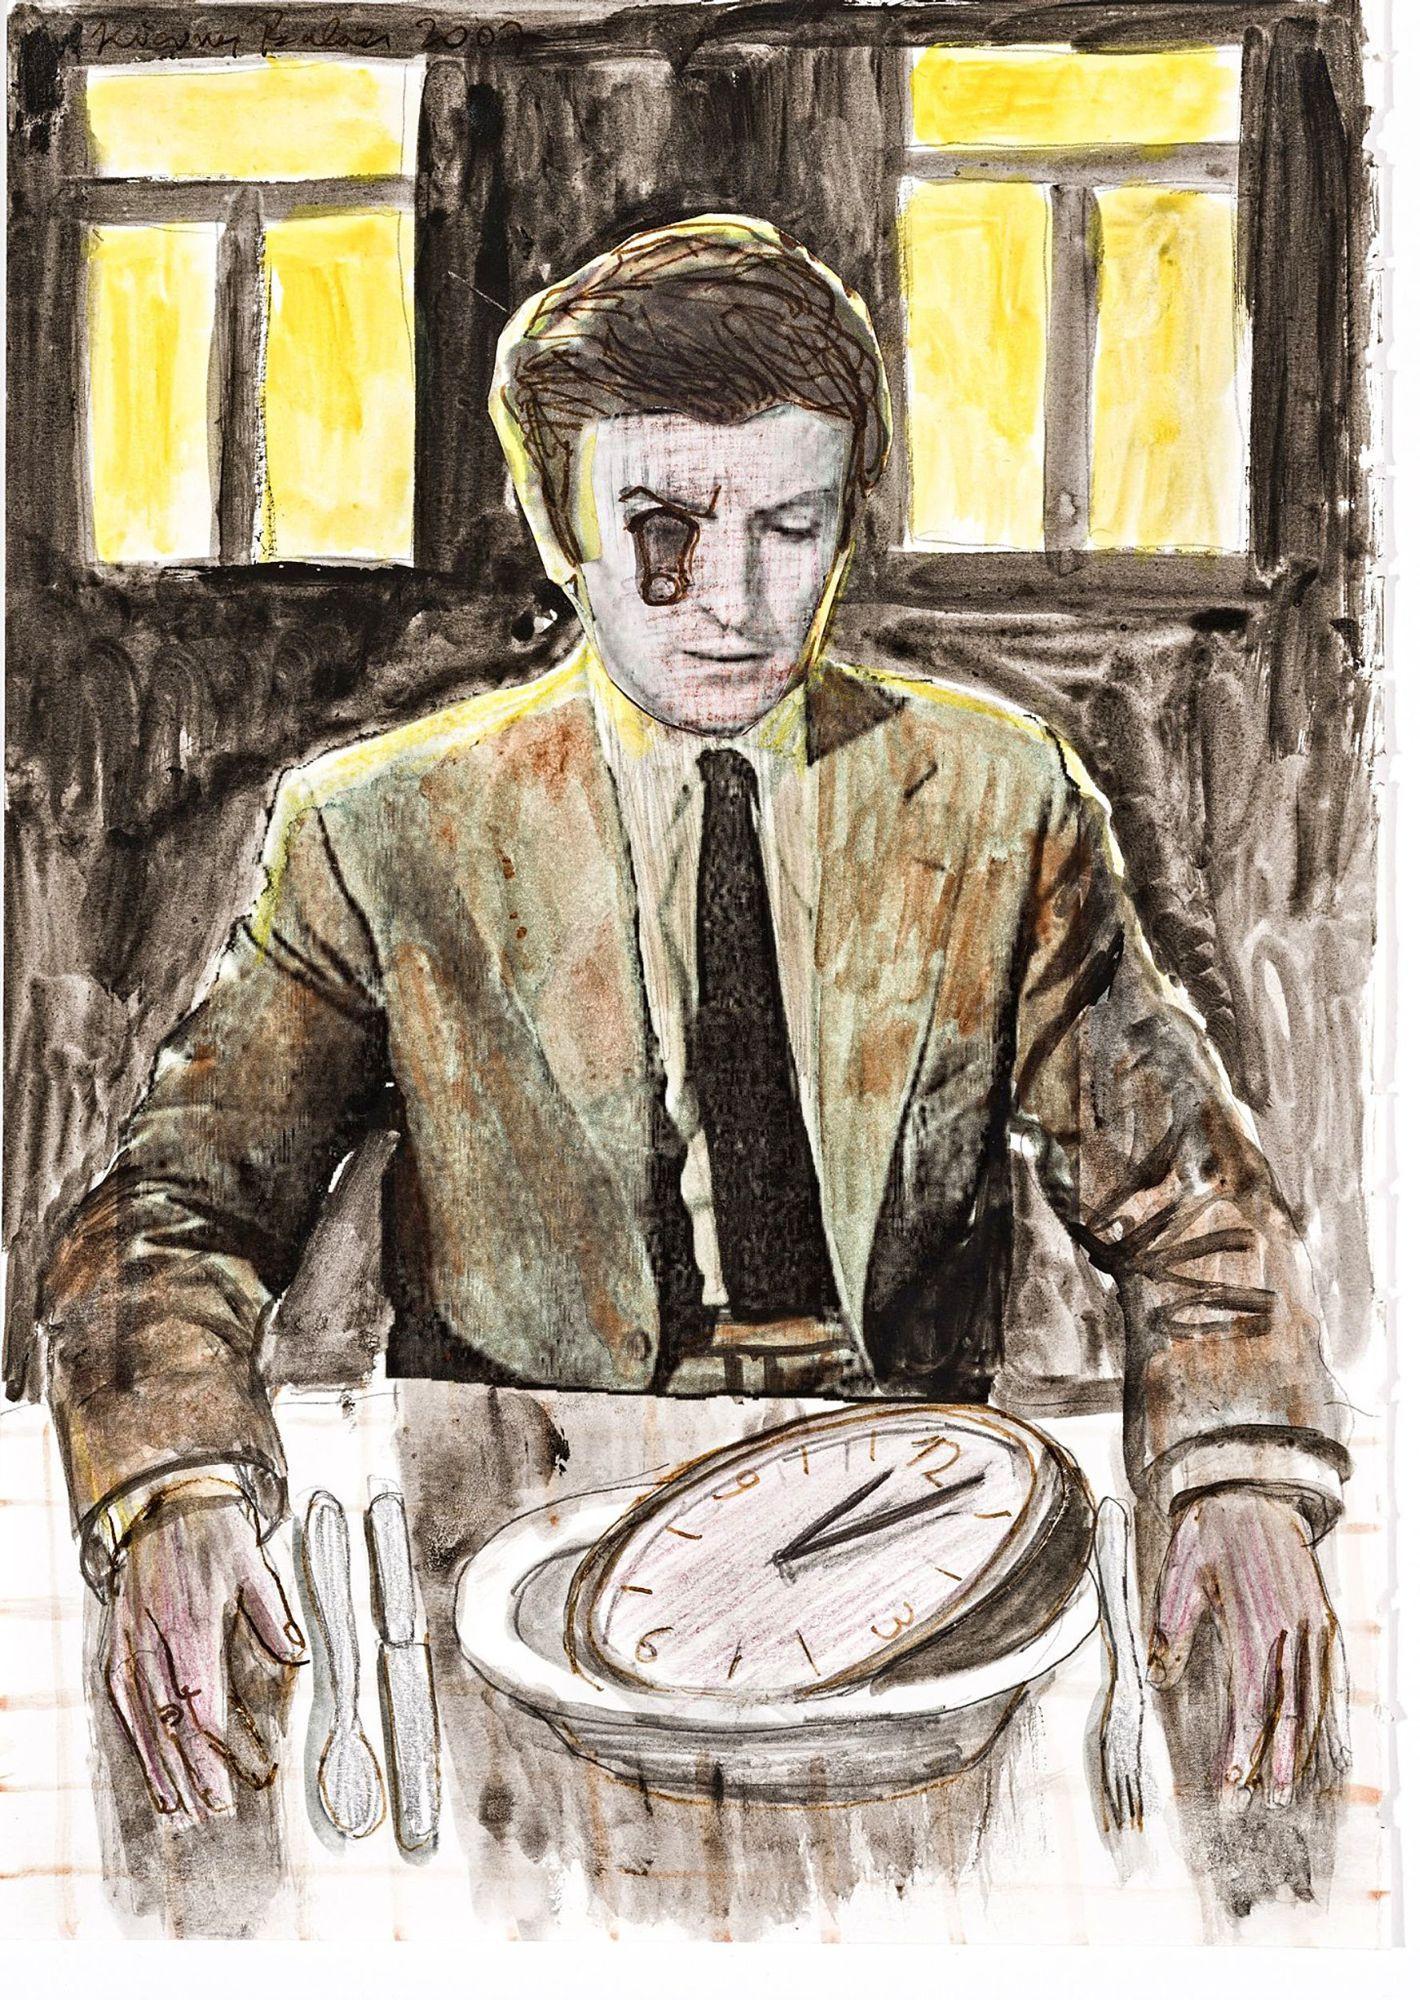 Kicsiny Balázs Az órásmester ebédje – hazatérés III. című képe a #raktárszerda kampányban tűnt fel